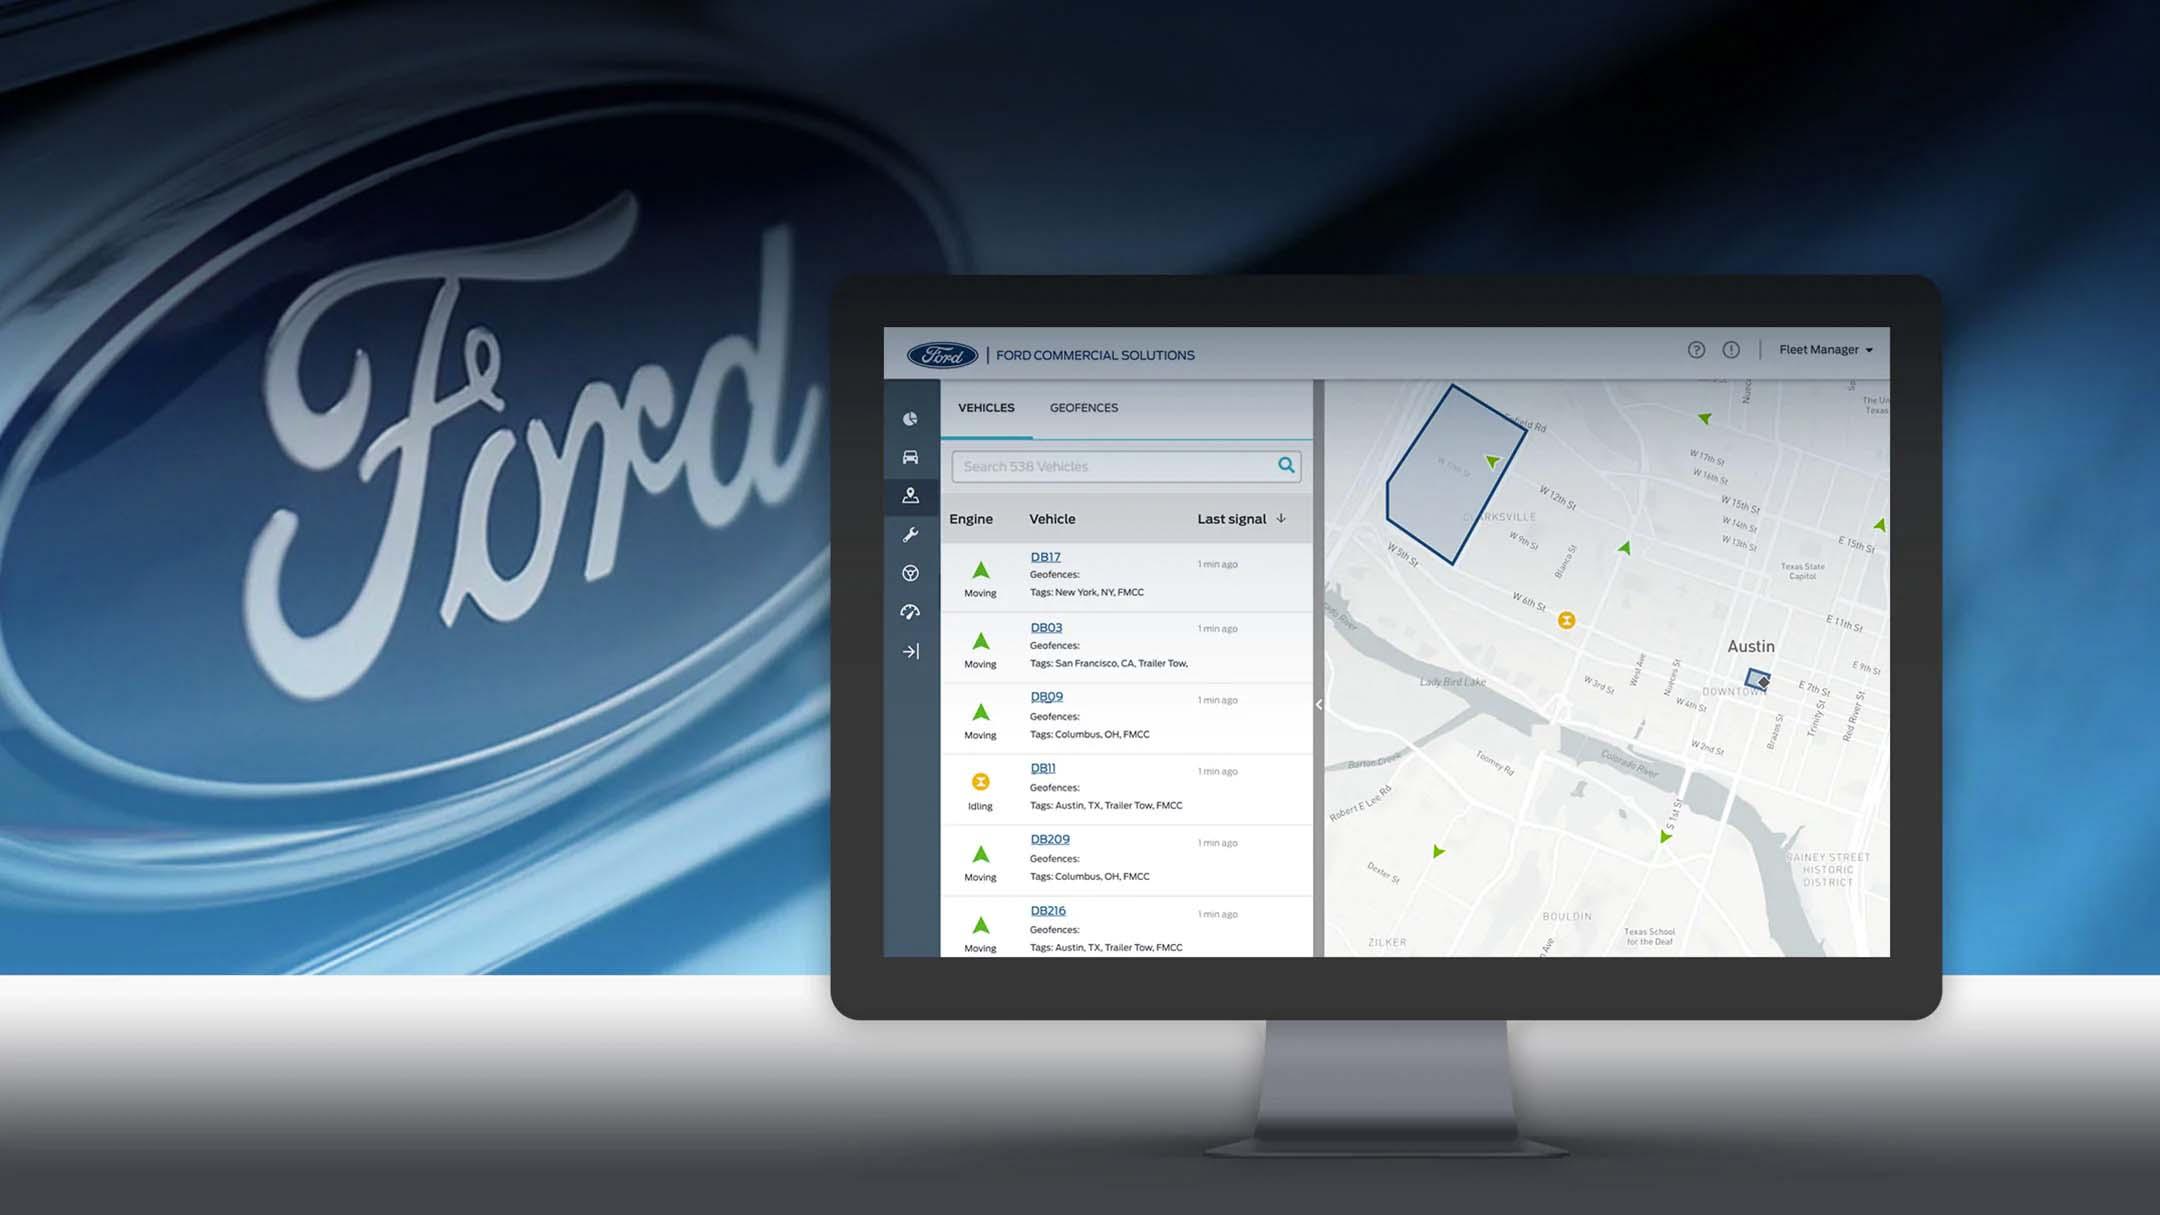 Case study quản lý vận tải của Ford